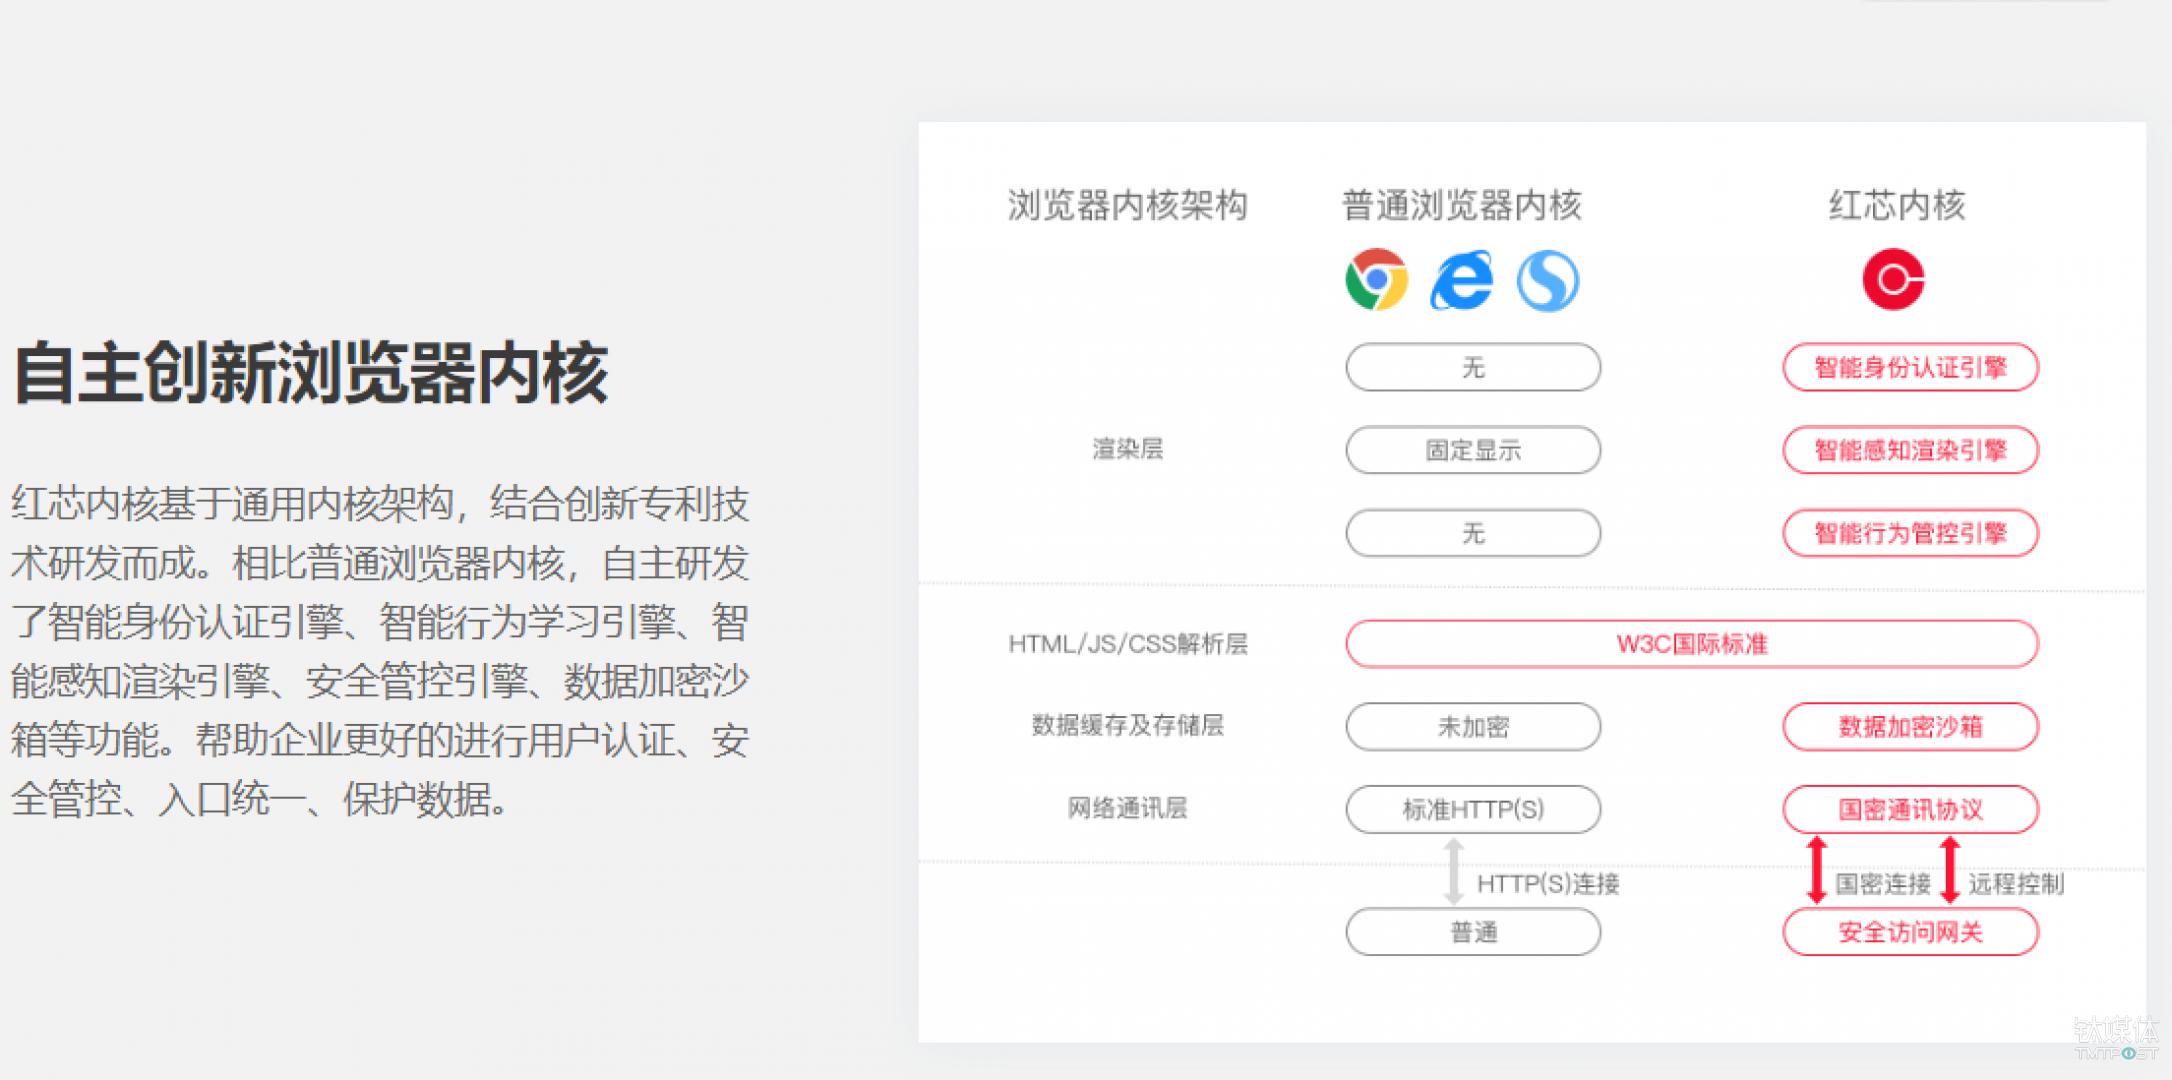 截图自红芯企业浏览器官网